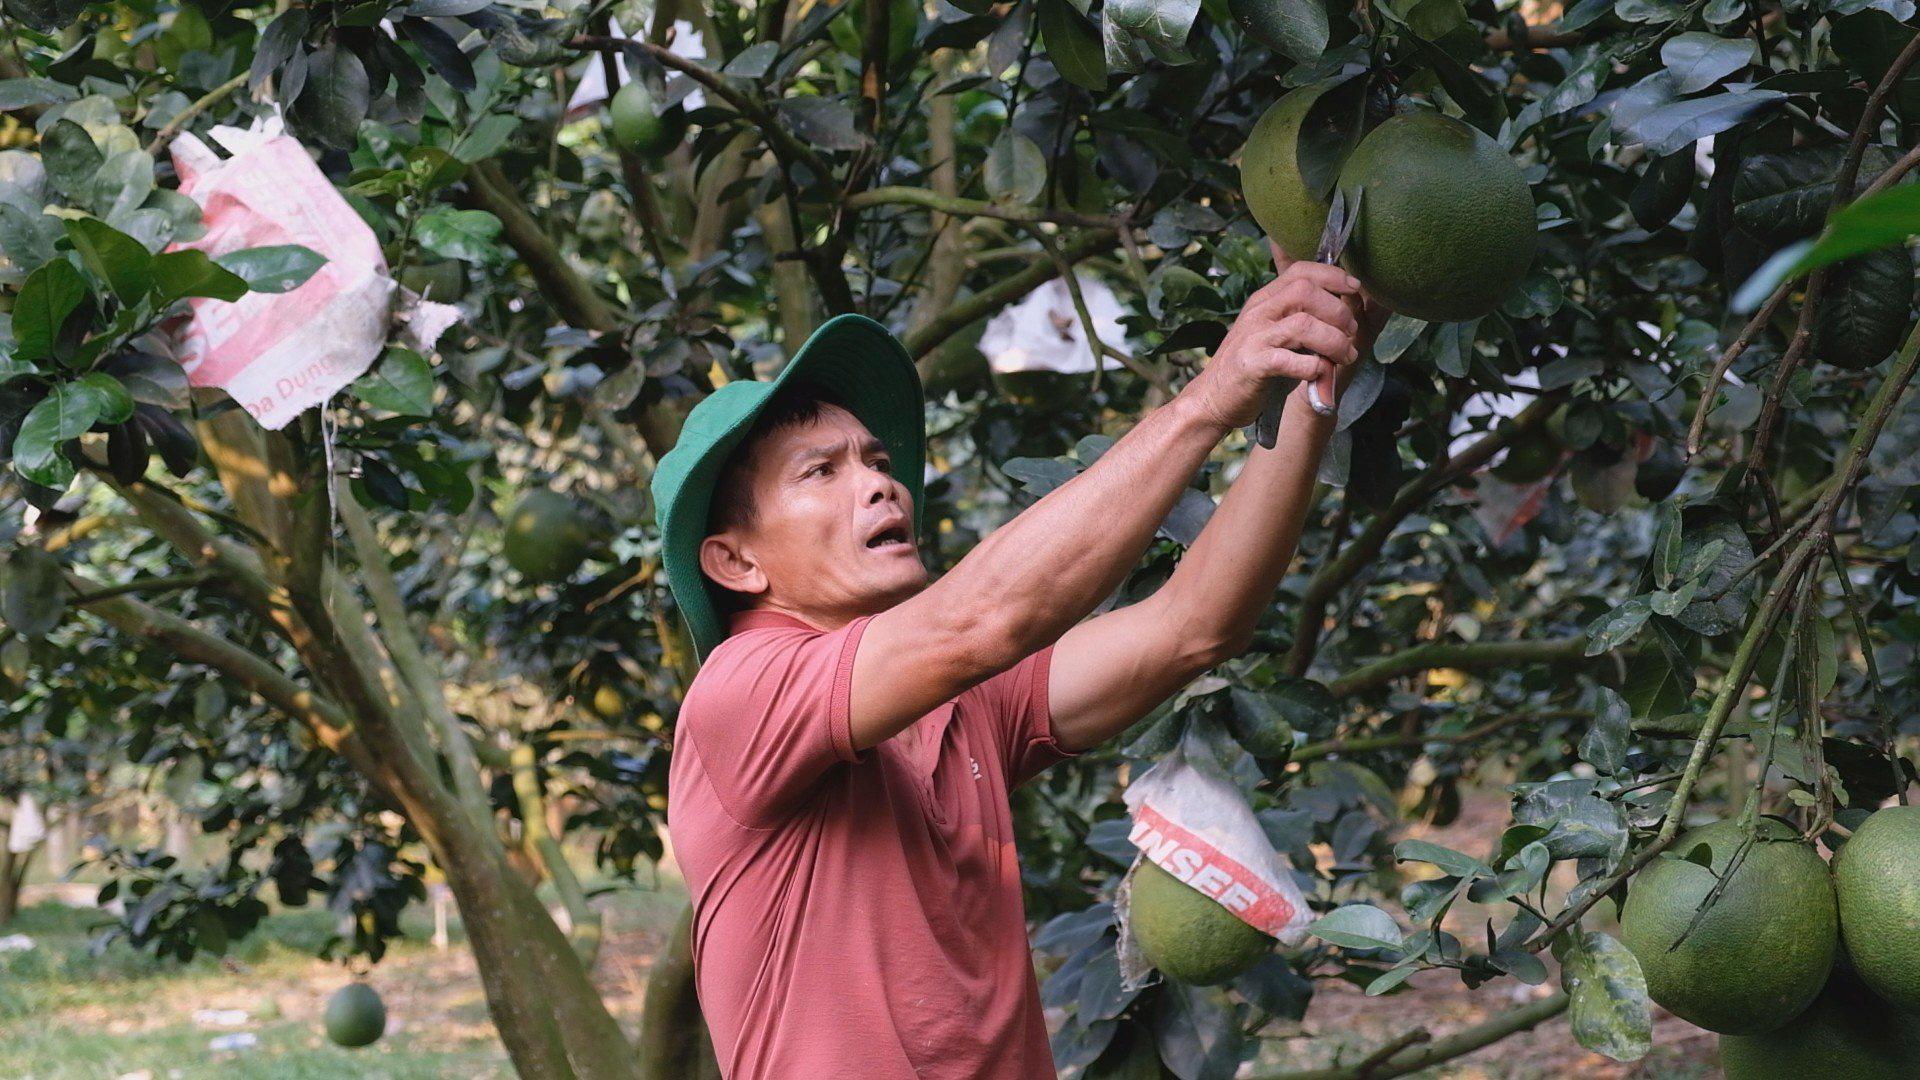 Sử dụng hỗn hợp này để trồng bưởi da xanh, lão nông này thu về tiền tỷ mỗi năm - Ảnh 2.